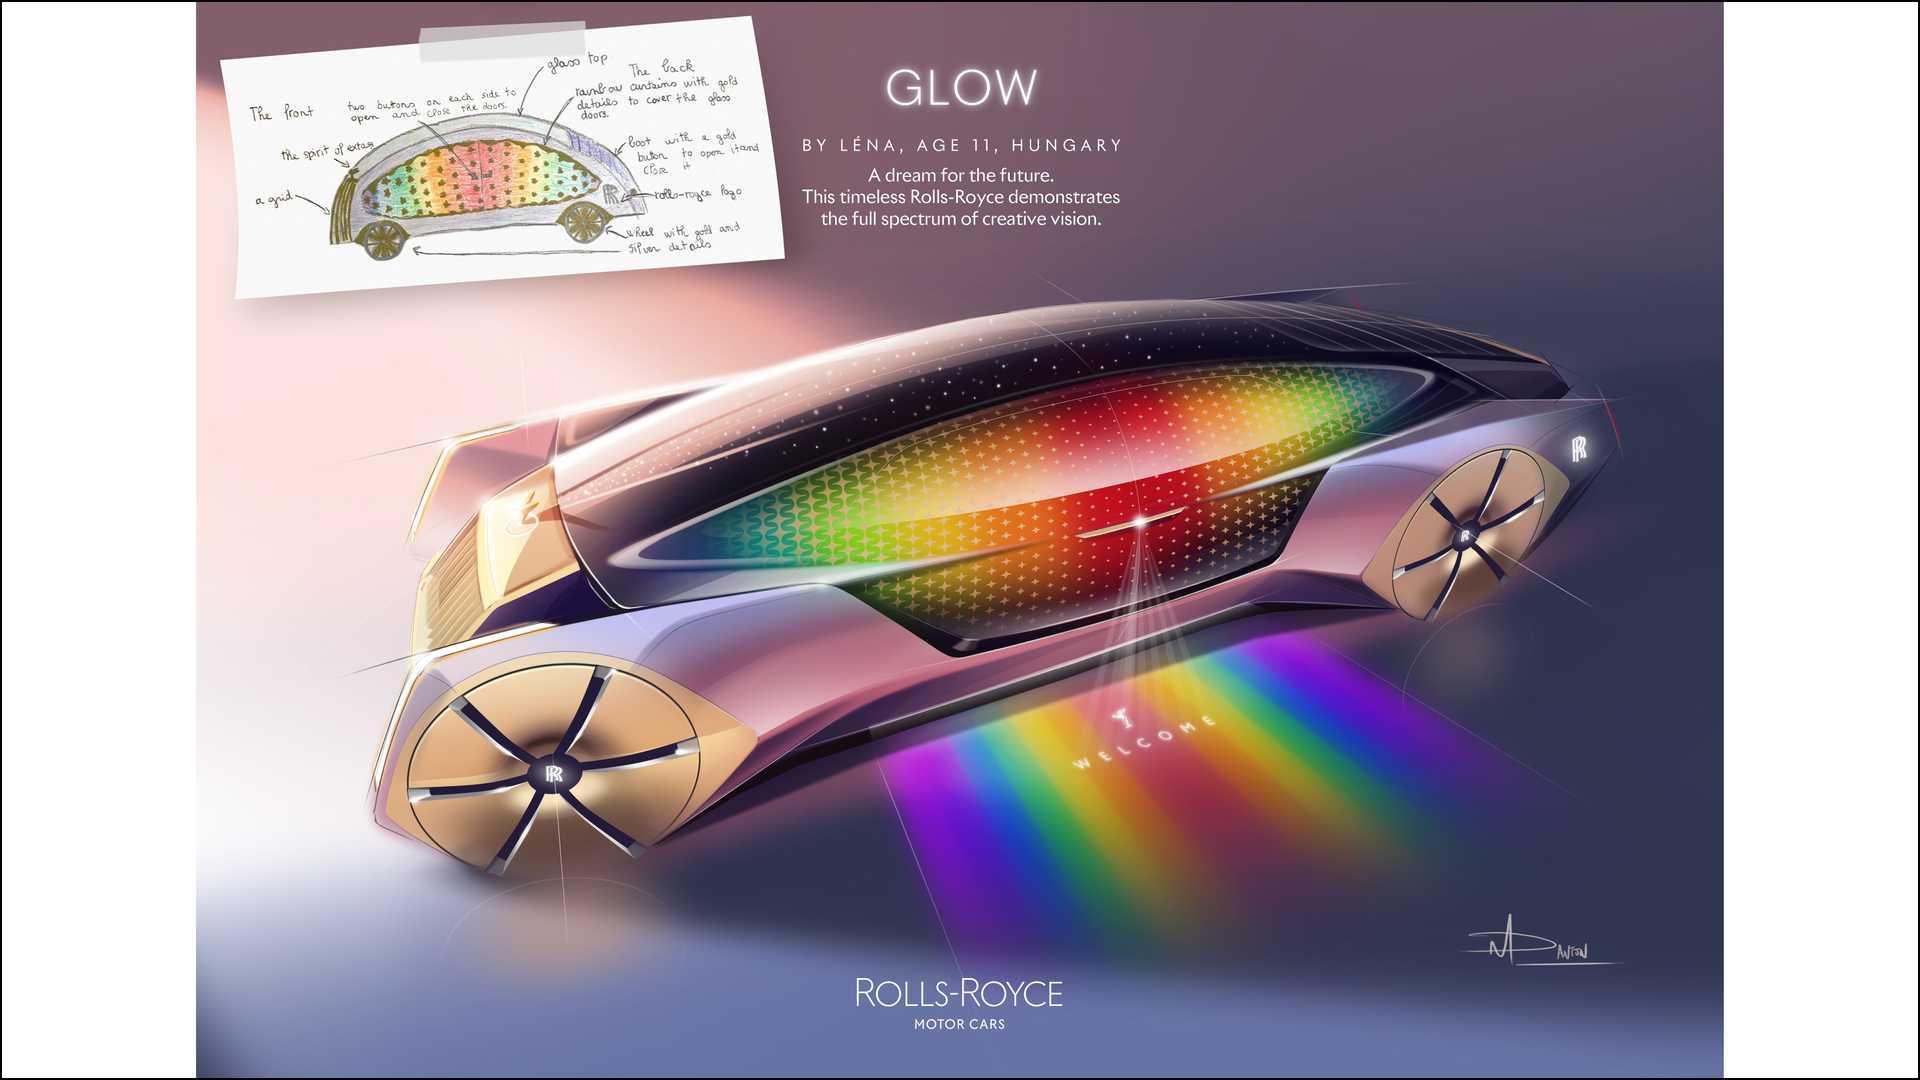 樂趣《勞斯萊斯微光》—— 來自匈牙利的 11 歲青年設計師 Léna。